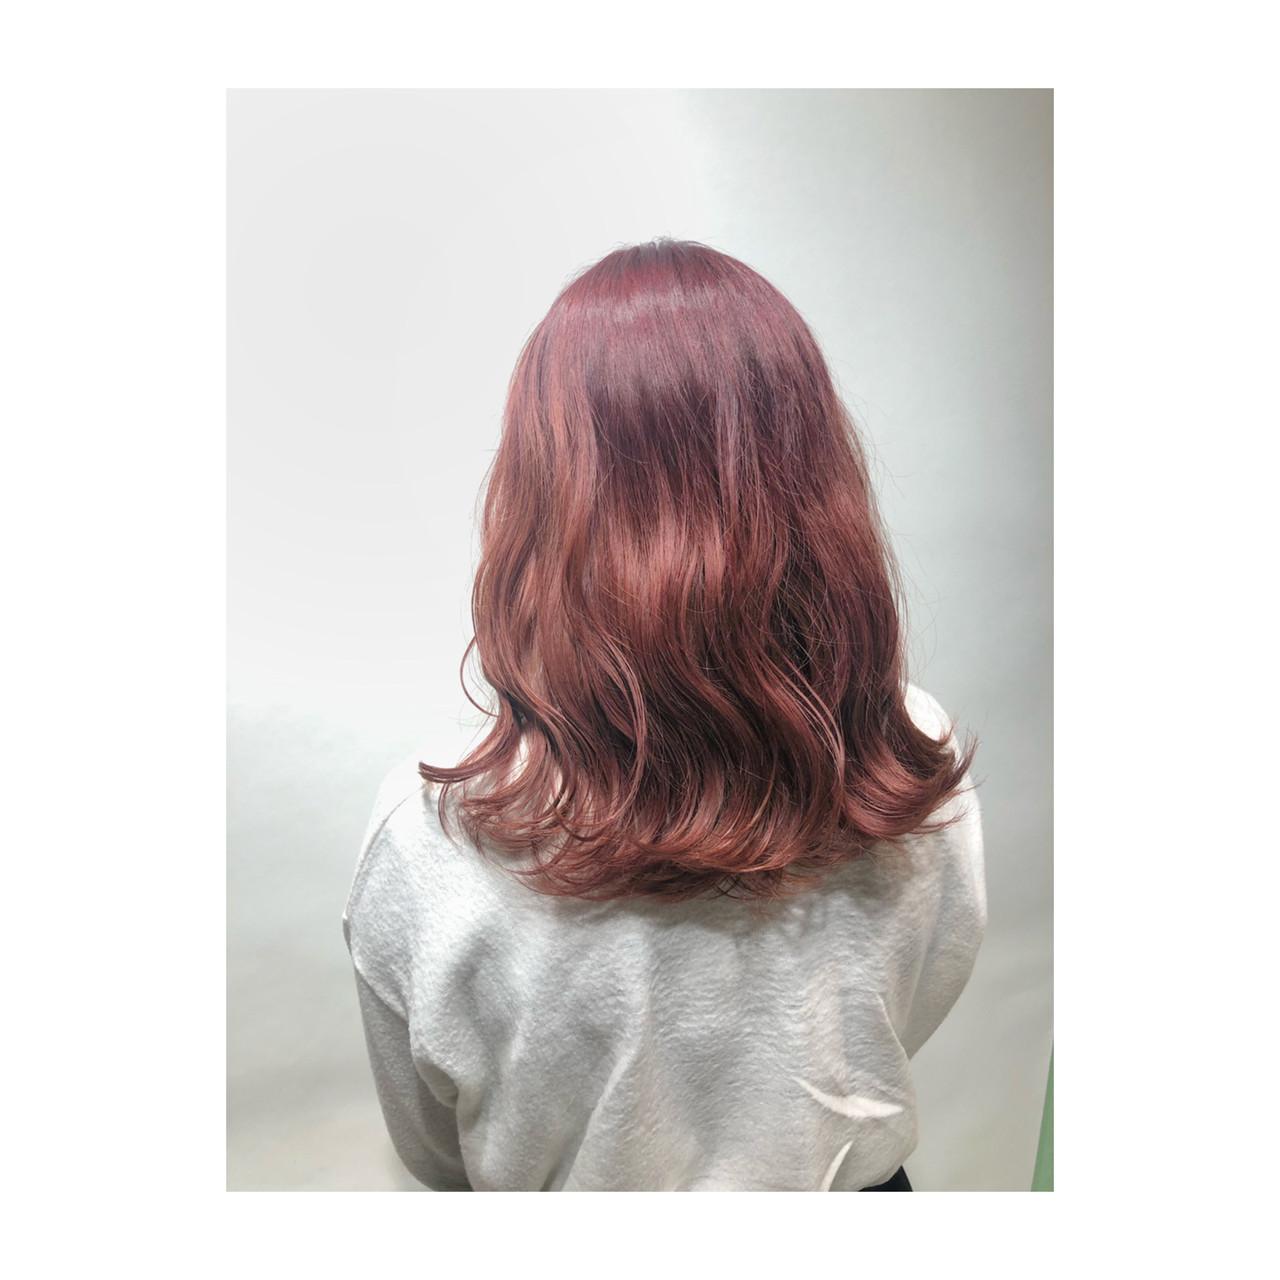 ミディアム 透明感 ガーリー ピンクバイオレット ヘアスタイルや髪型の写真・画像 | 武石凌兵 / EARTH荻窪店